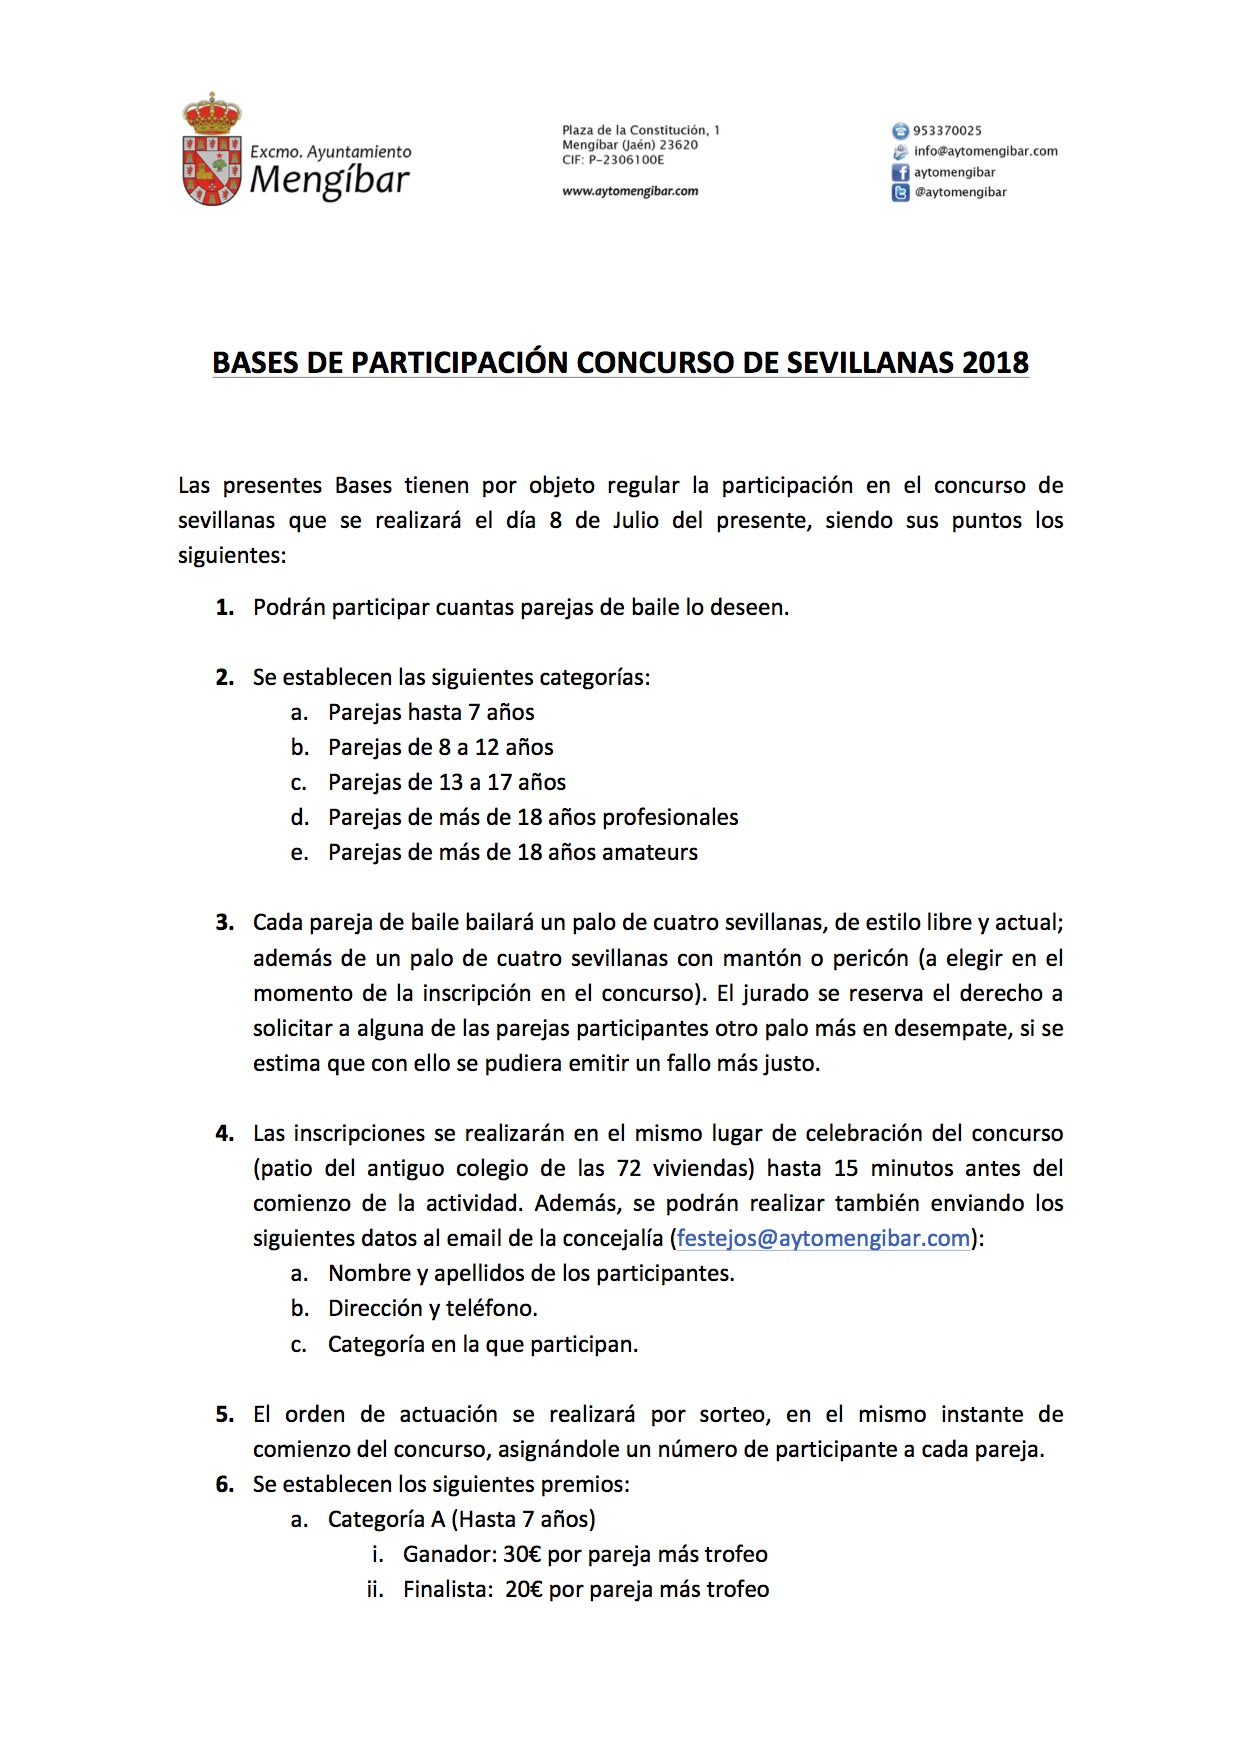 http://aytomengibar.com/apoyo-del-ayuntamiento-mengibareno-al ...